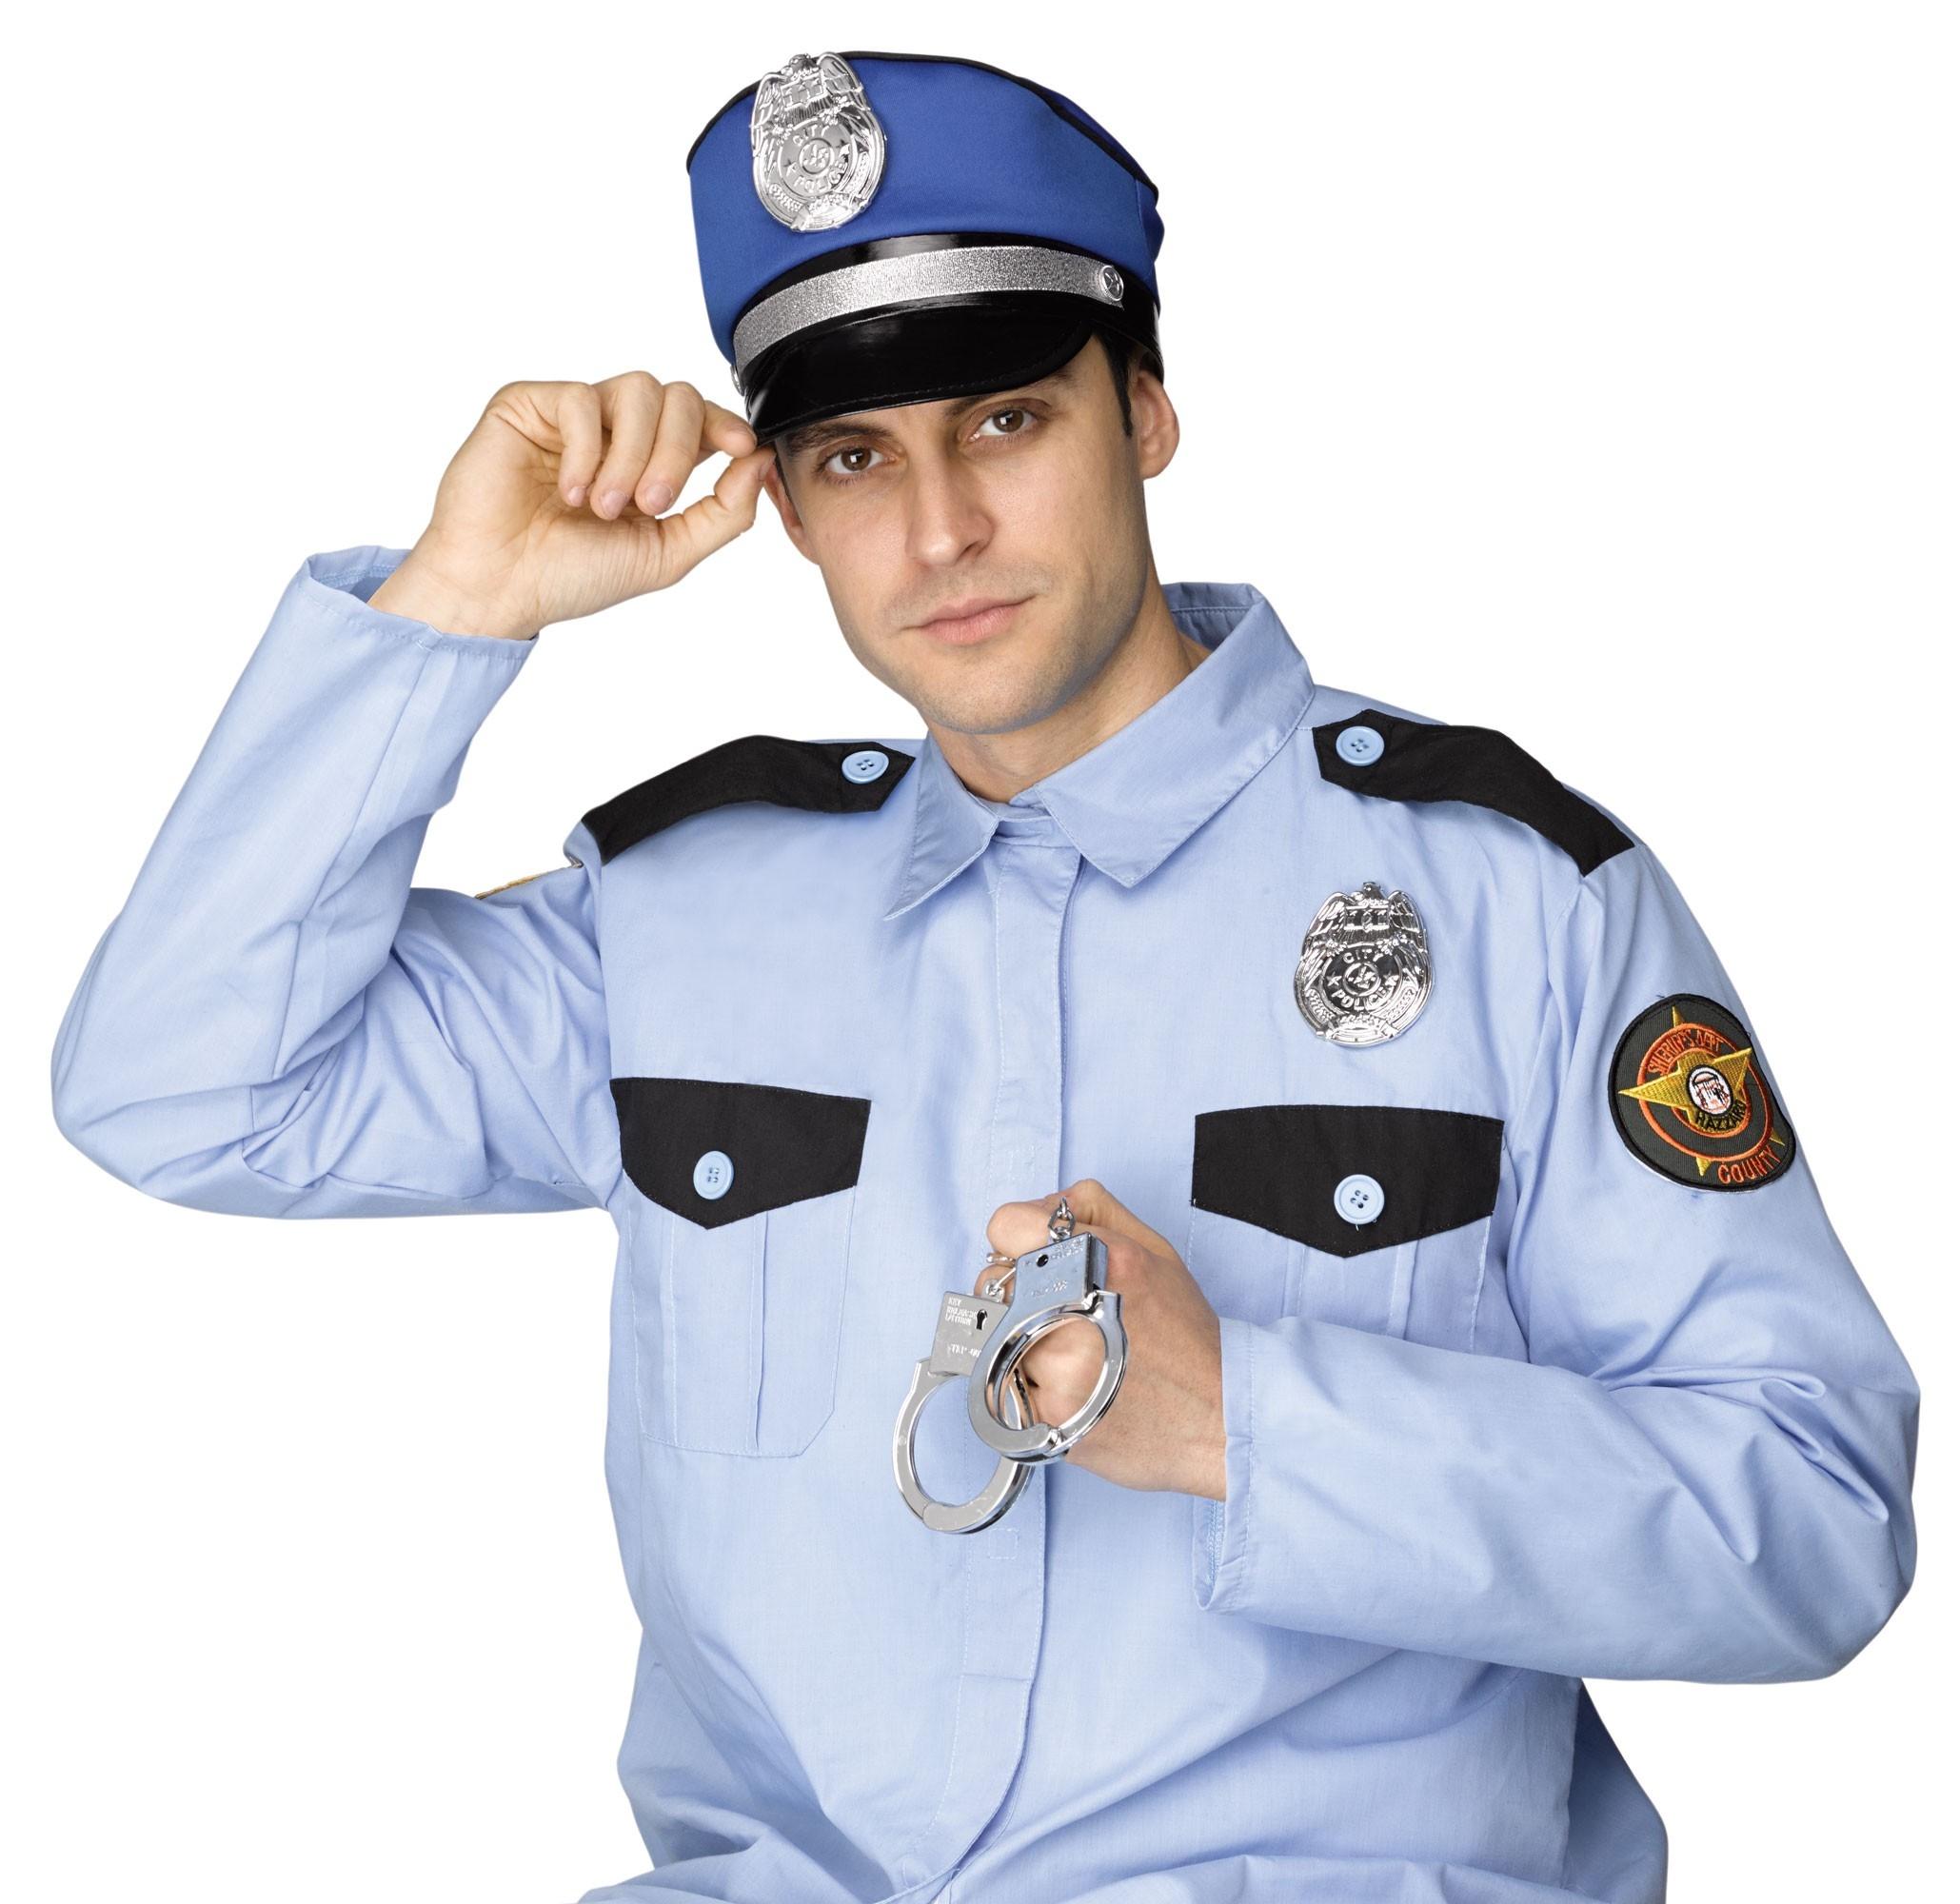 Набор для костюма Полицейского (UNI) -  Полицейские и копы